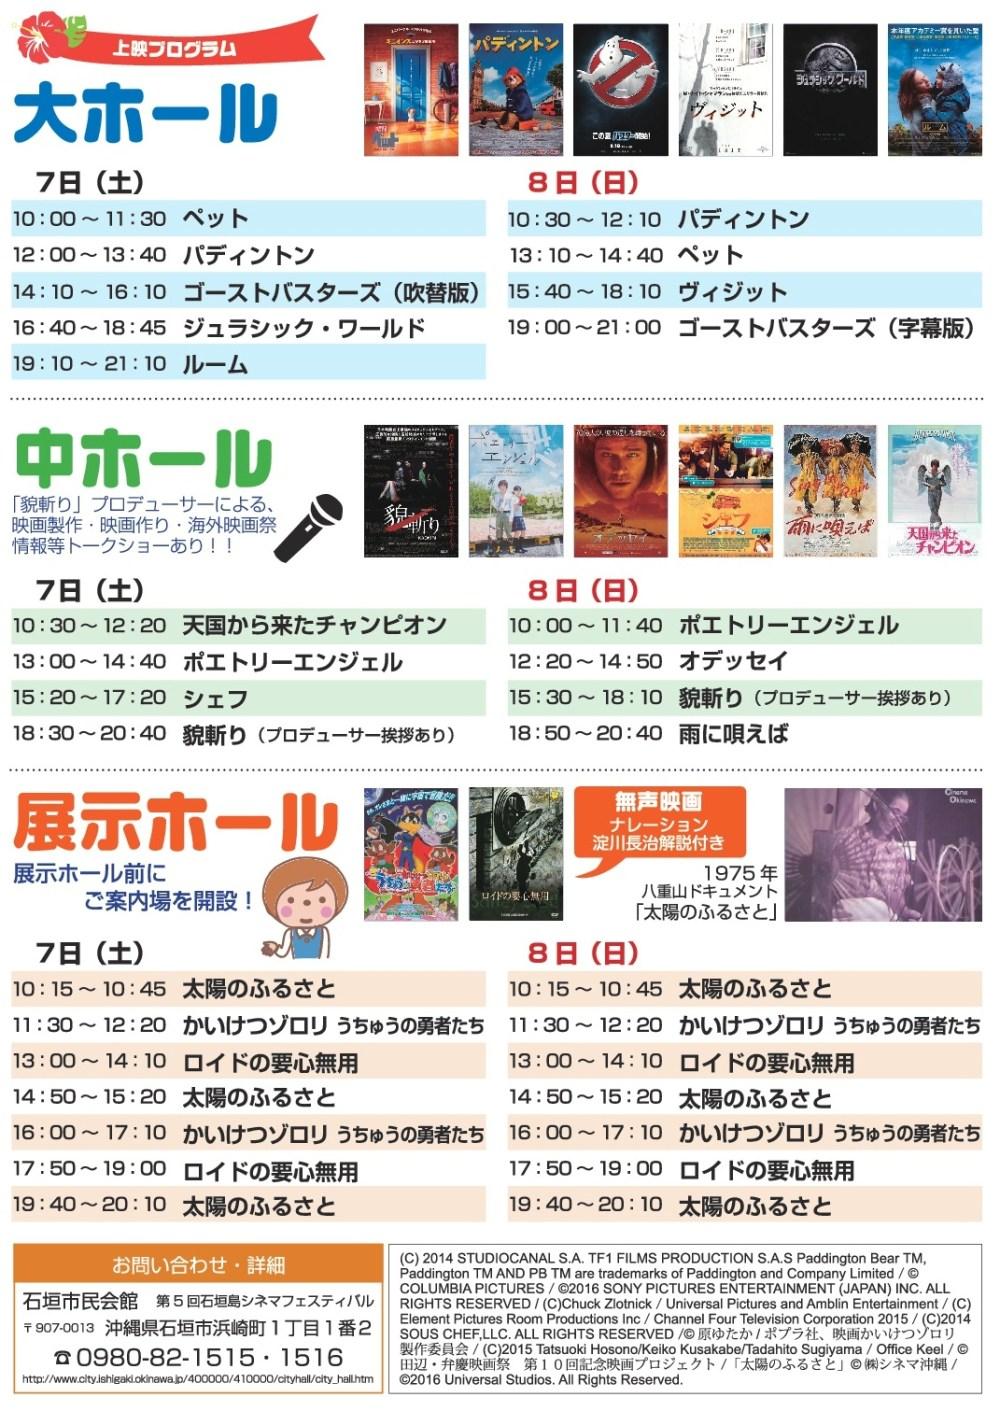 第5回石垣島シネマフェスティバル 上映プログラム&スケジュール